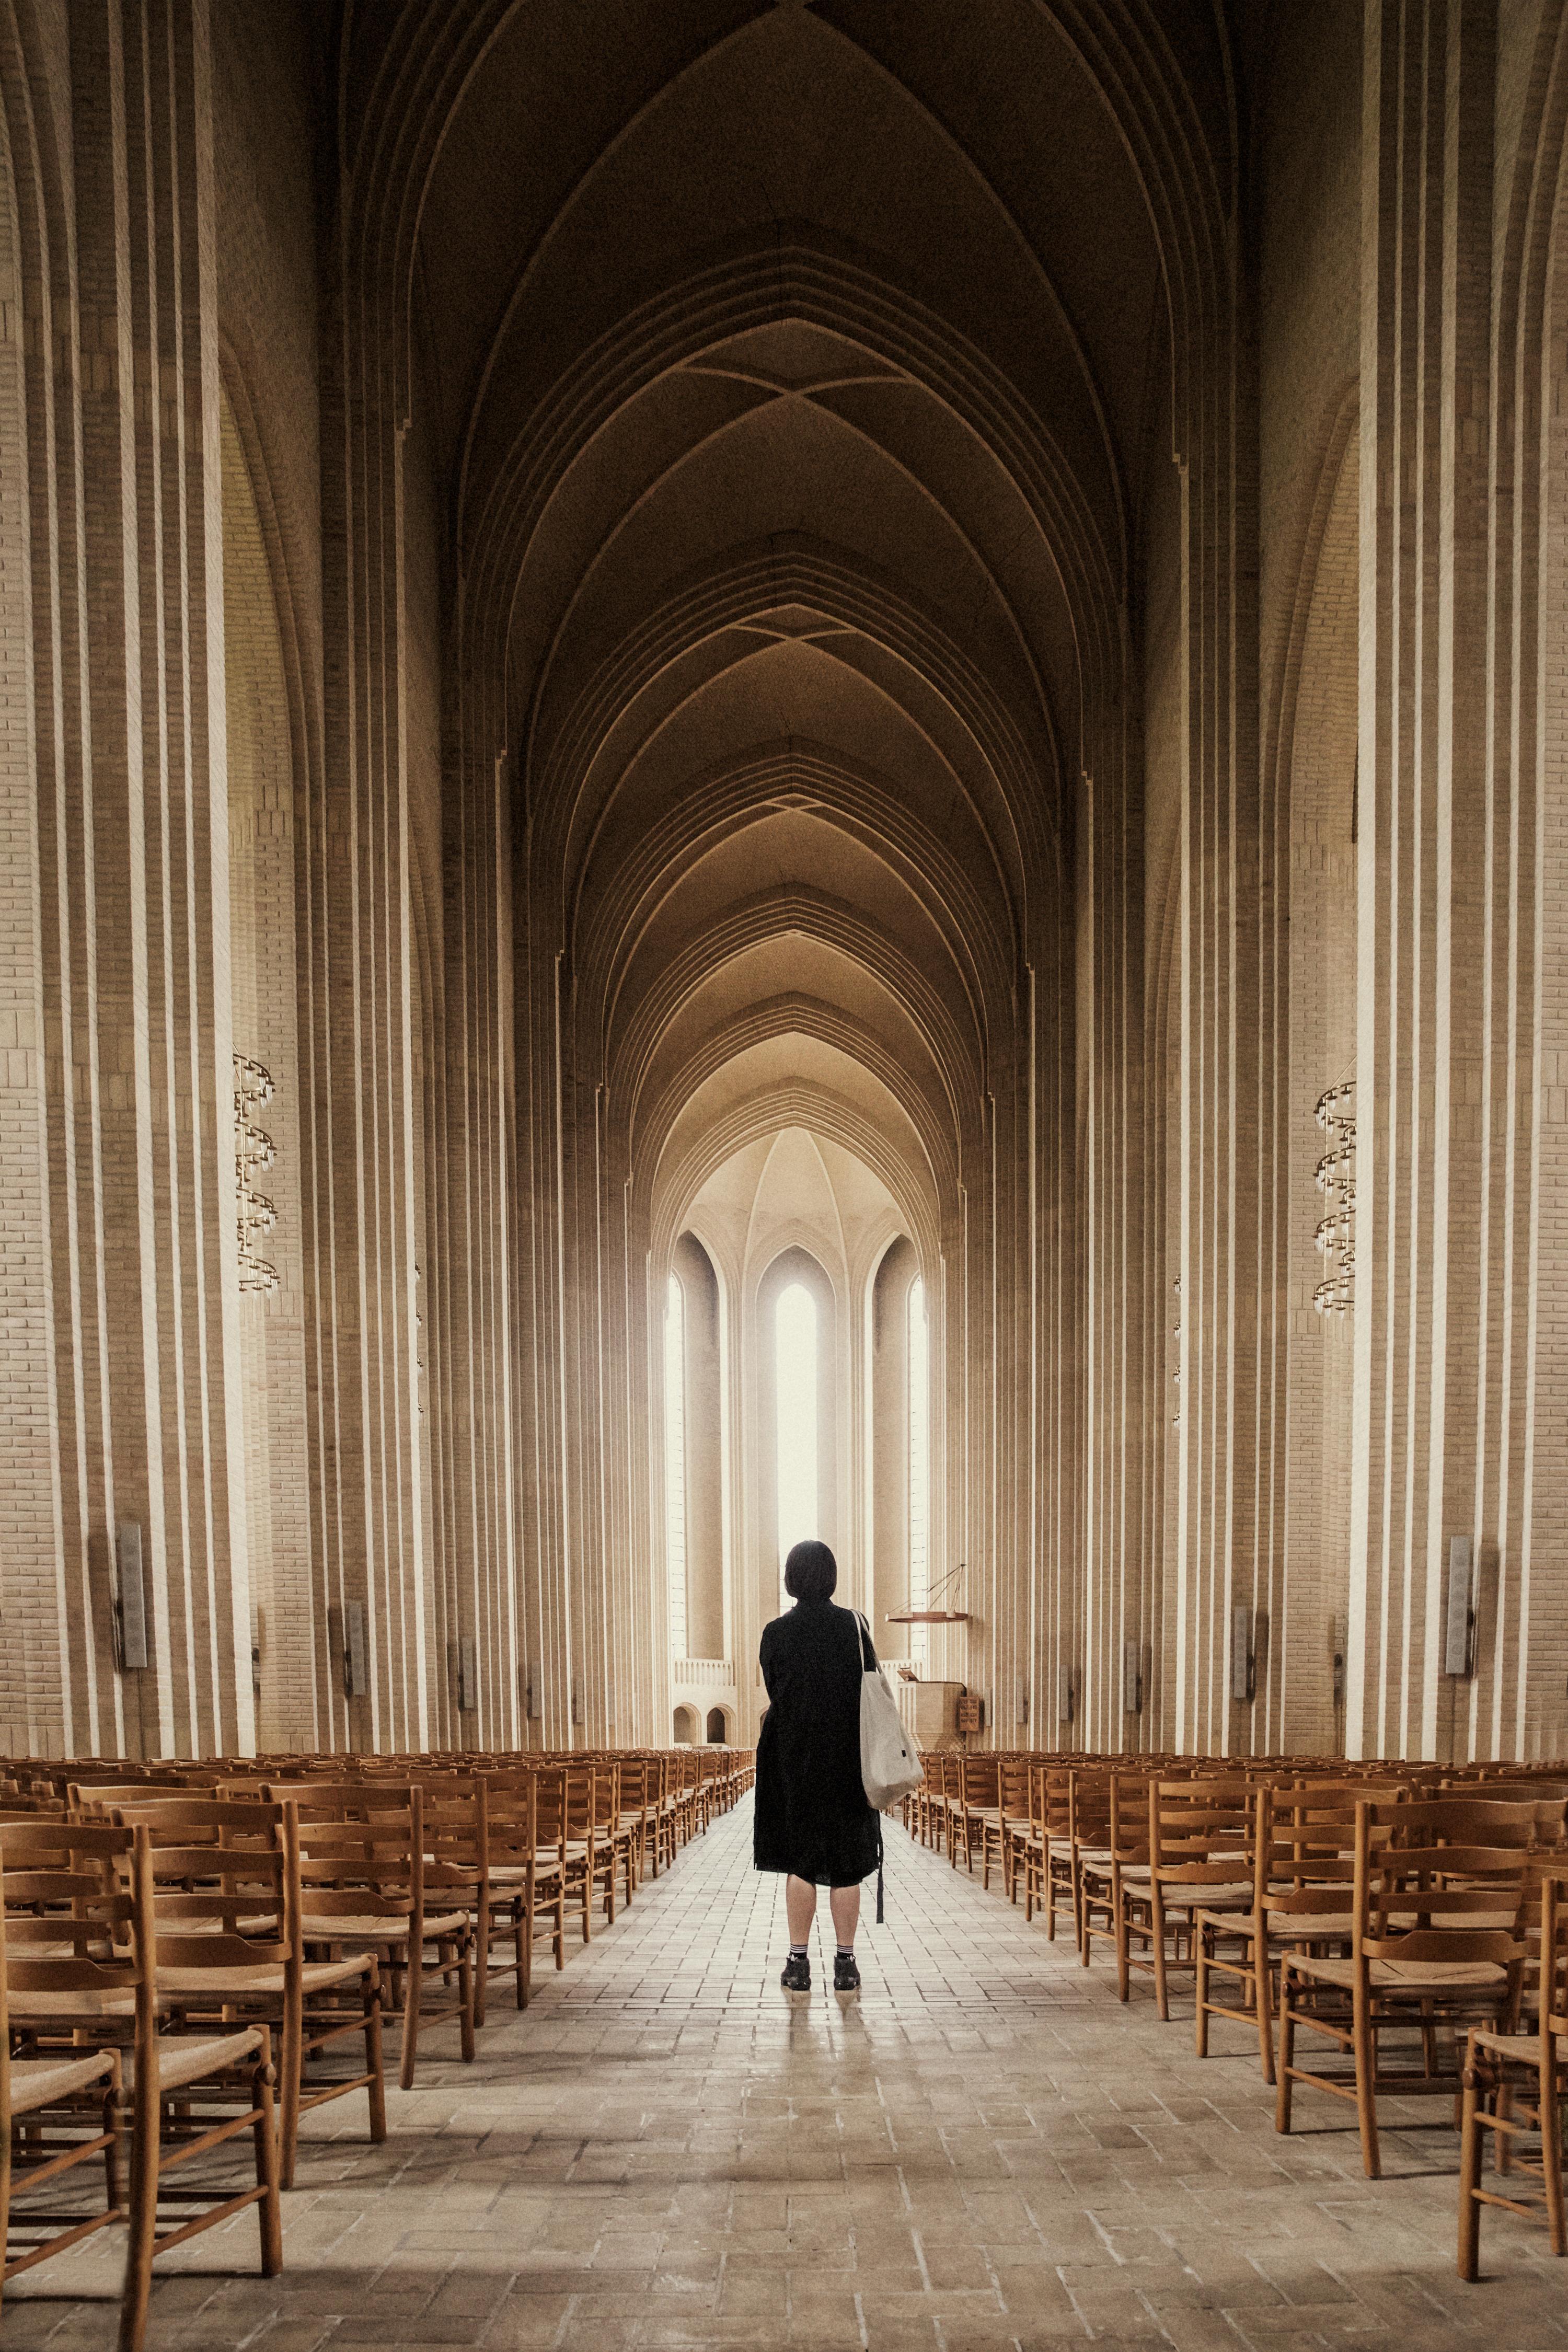 Cecilie @ Gruntvigs Church